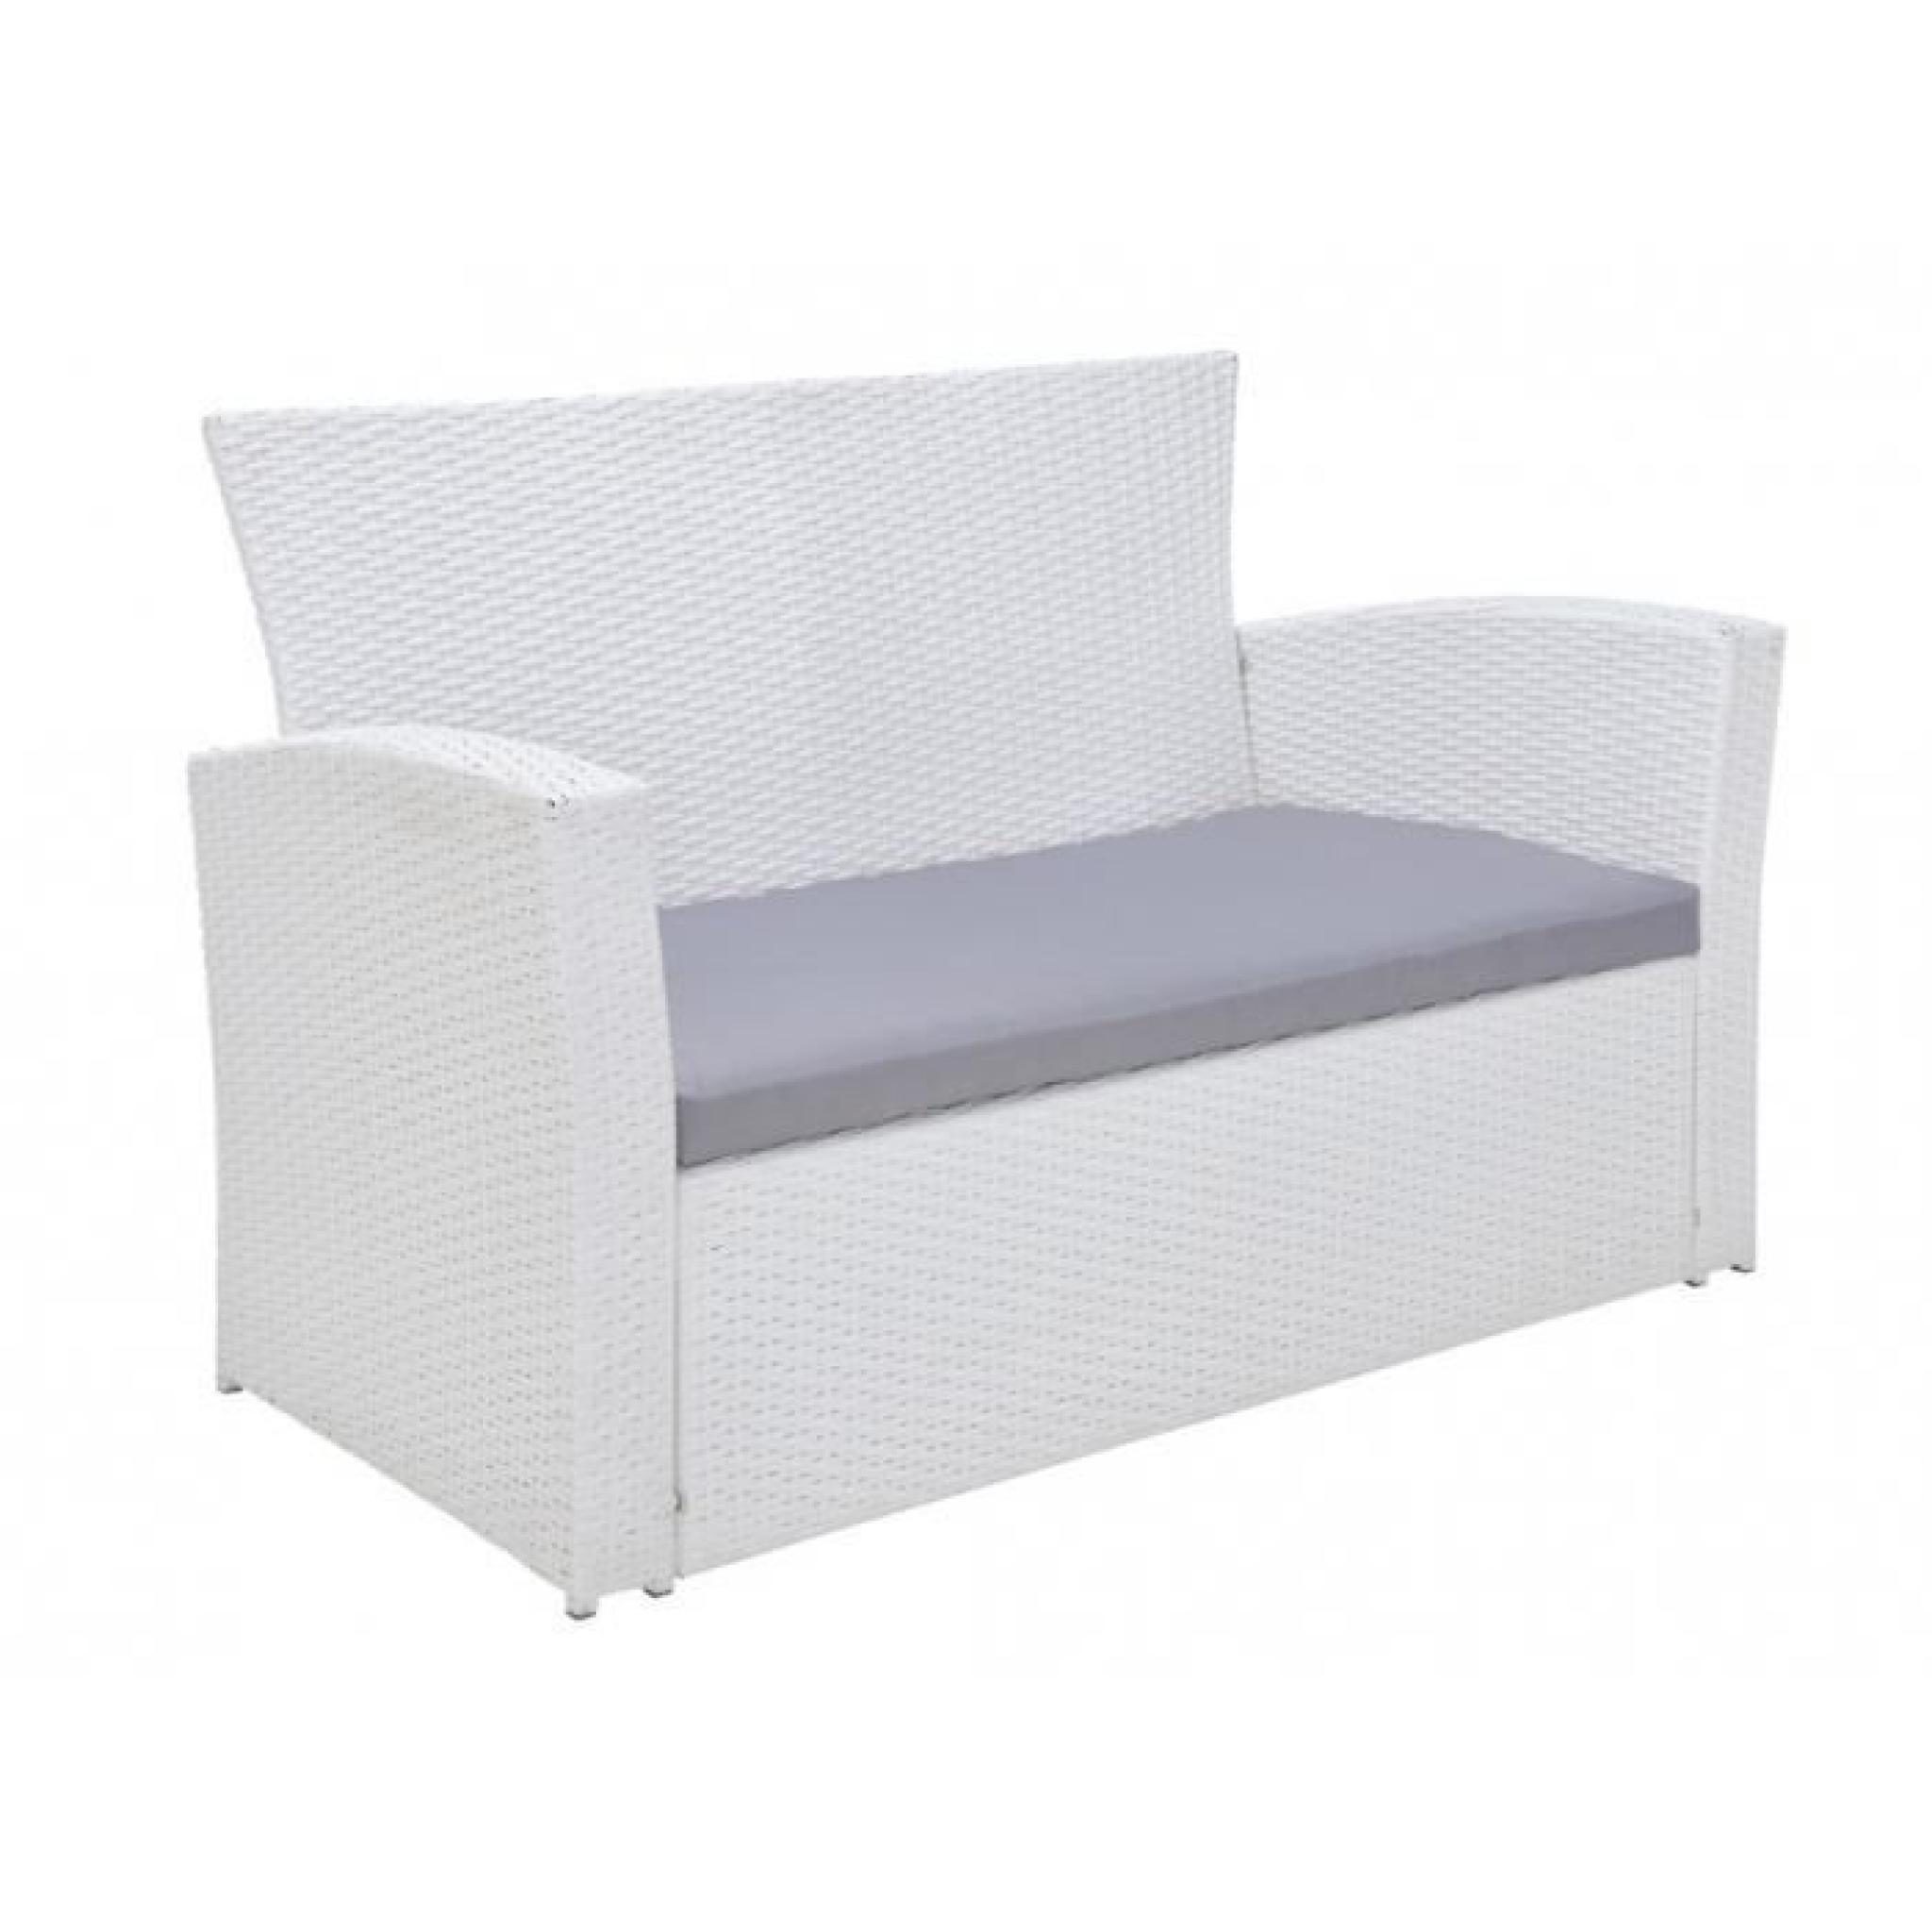 Salon de jardin AREQUIPA en resine tressée blanche : un canapé 2 places, 2  fauteuils et une table basse - assise grise